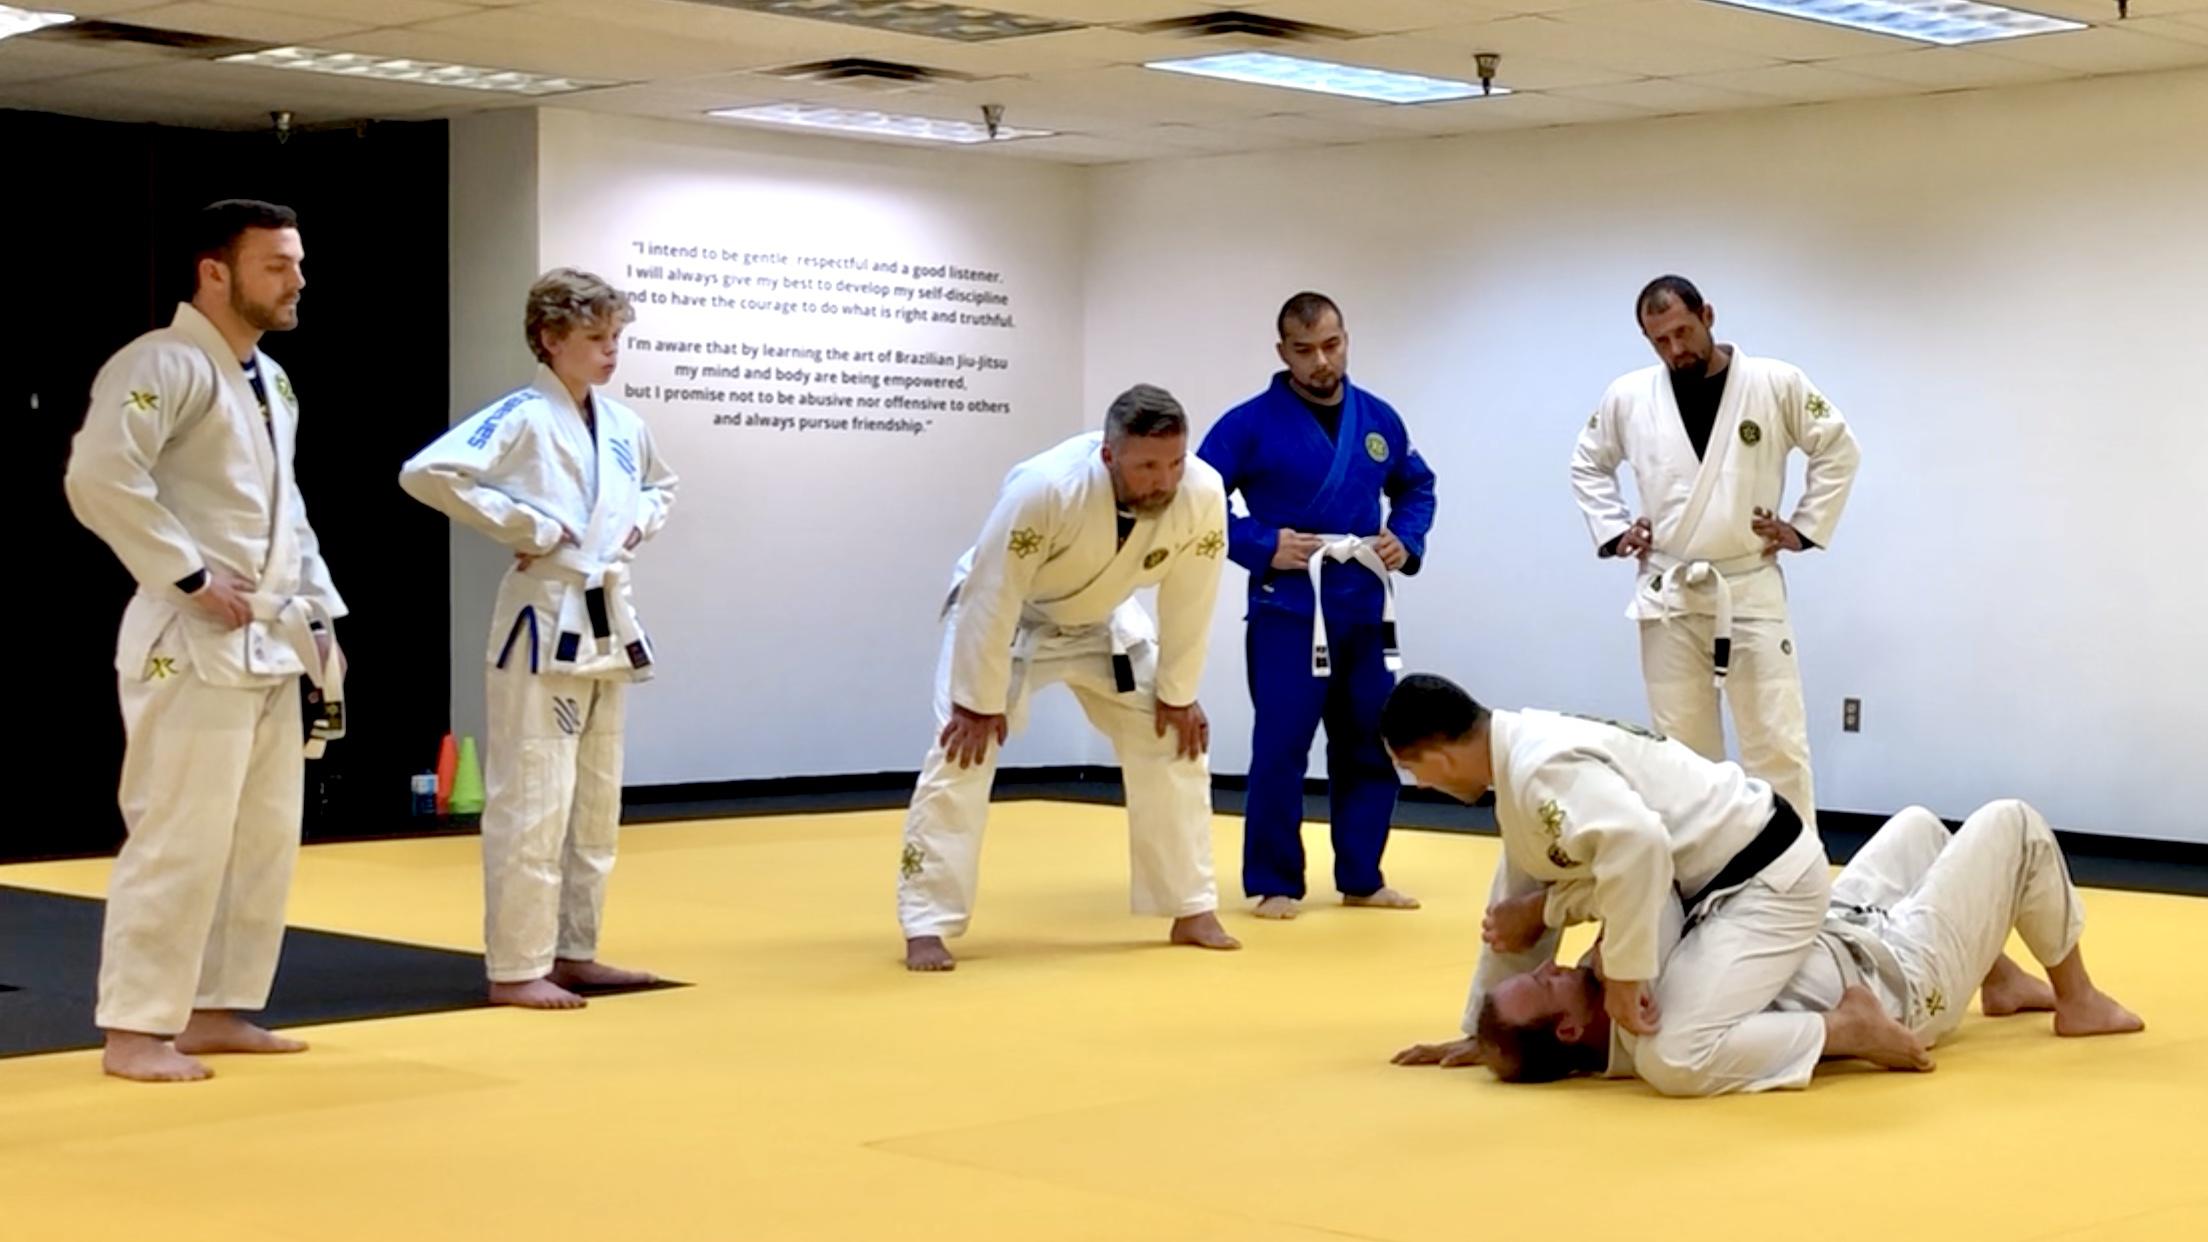 Why should you include Jiu-Jitsu in your life?